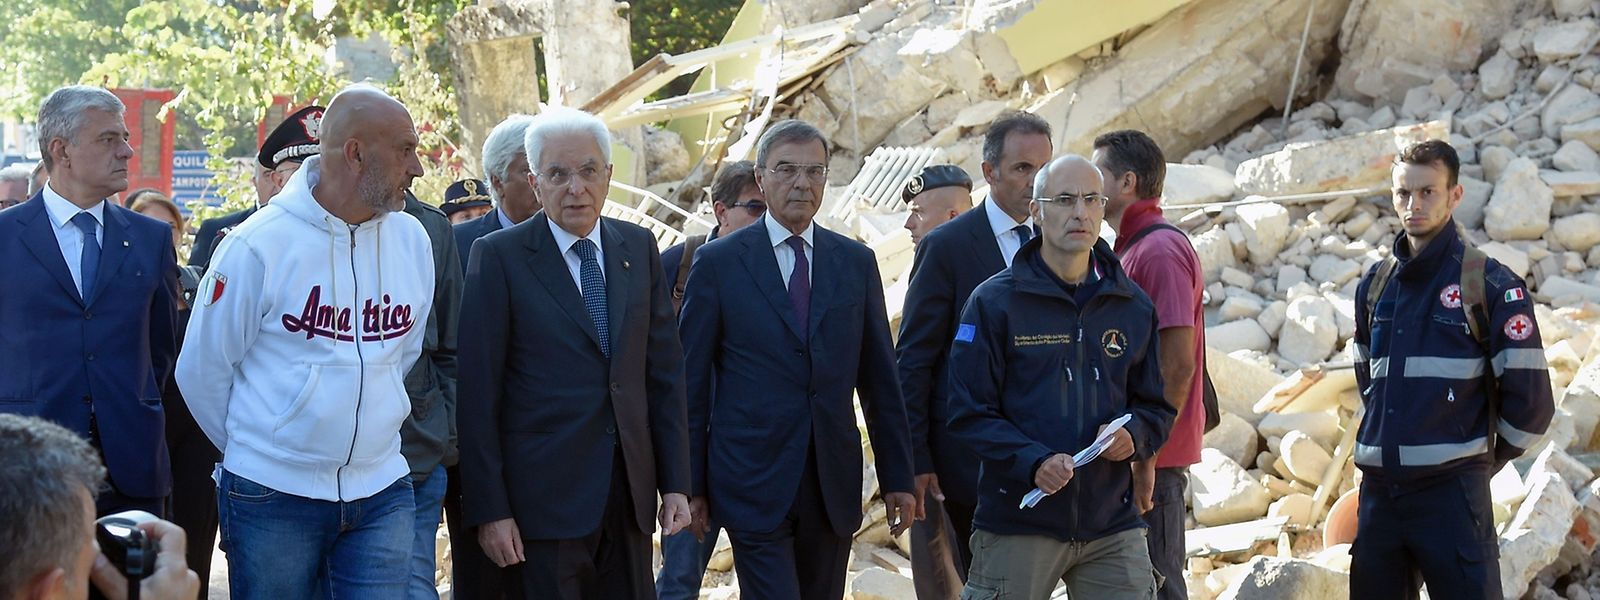 Der italienische Staatspräsident Sergio Mattarella bei seinem Besuch in Amatrice.